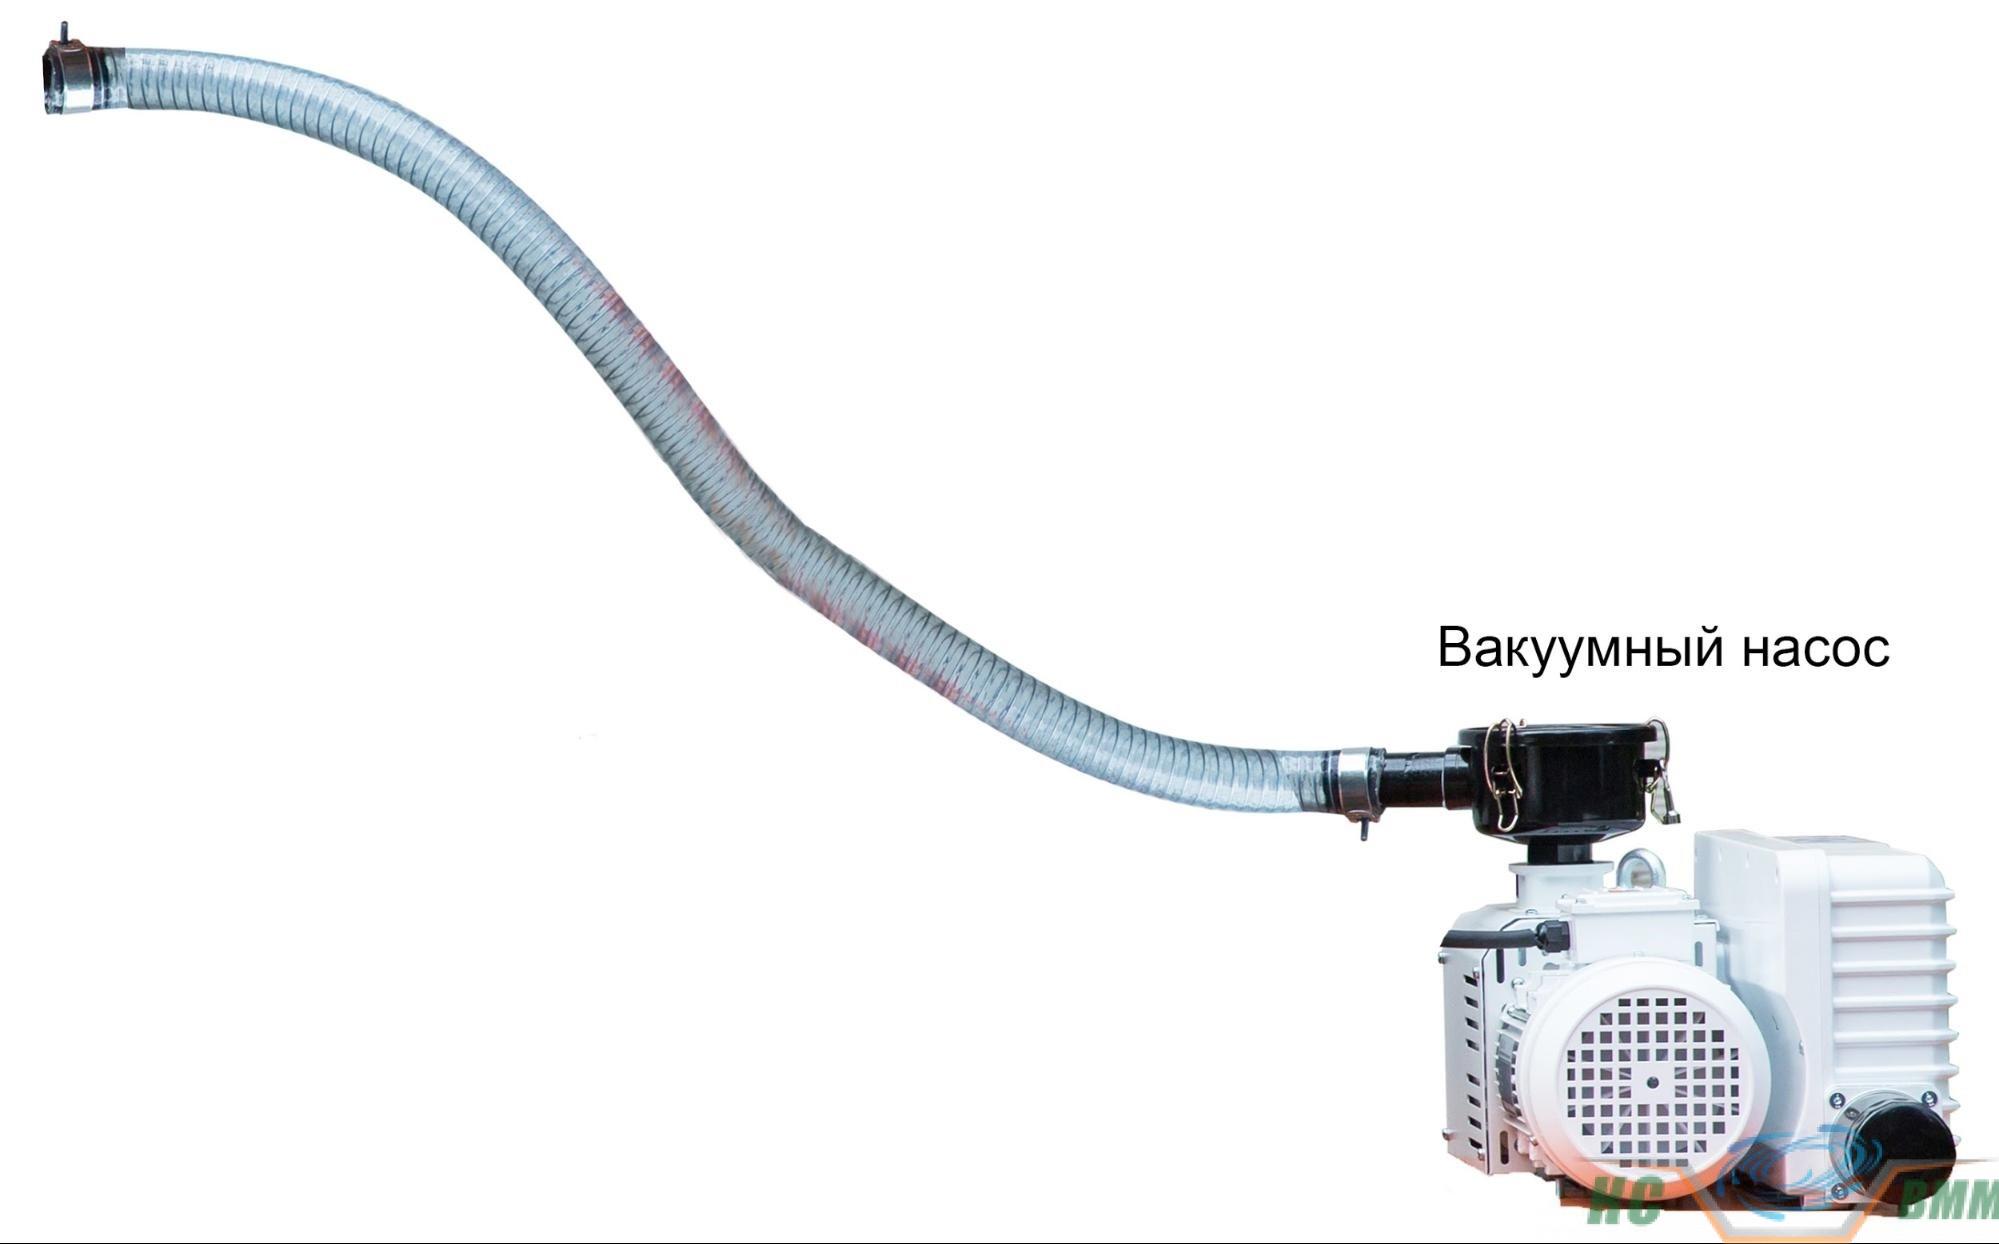 Внутреннее устройство и принцип работы центробежных насосов Борей